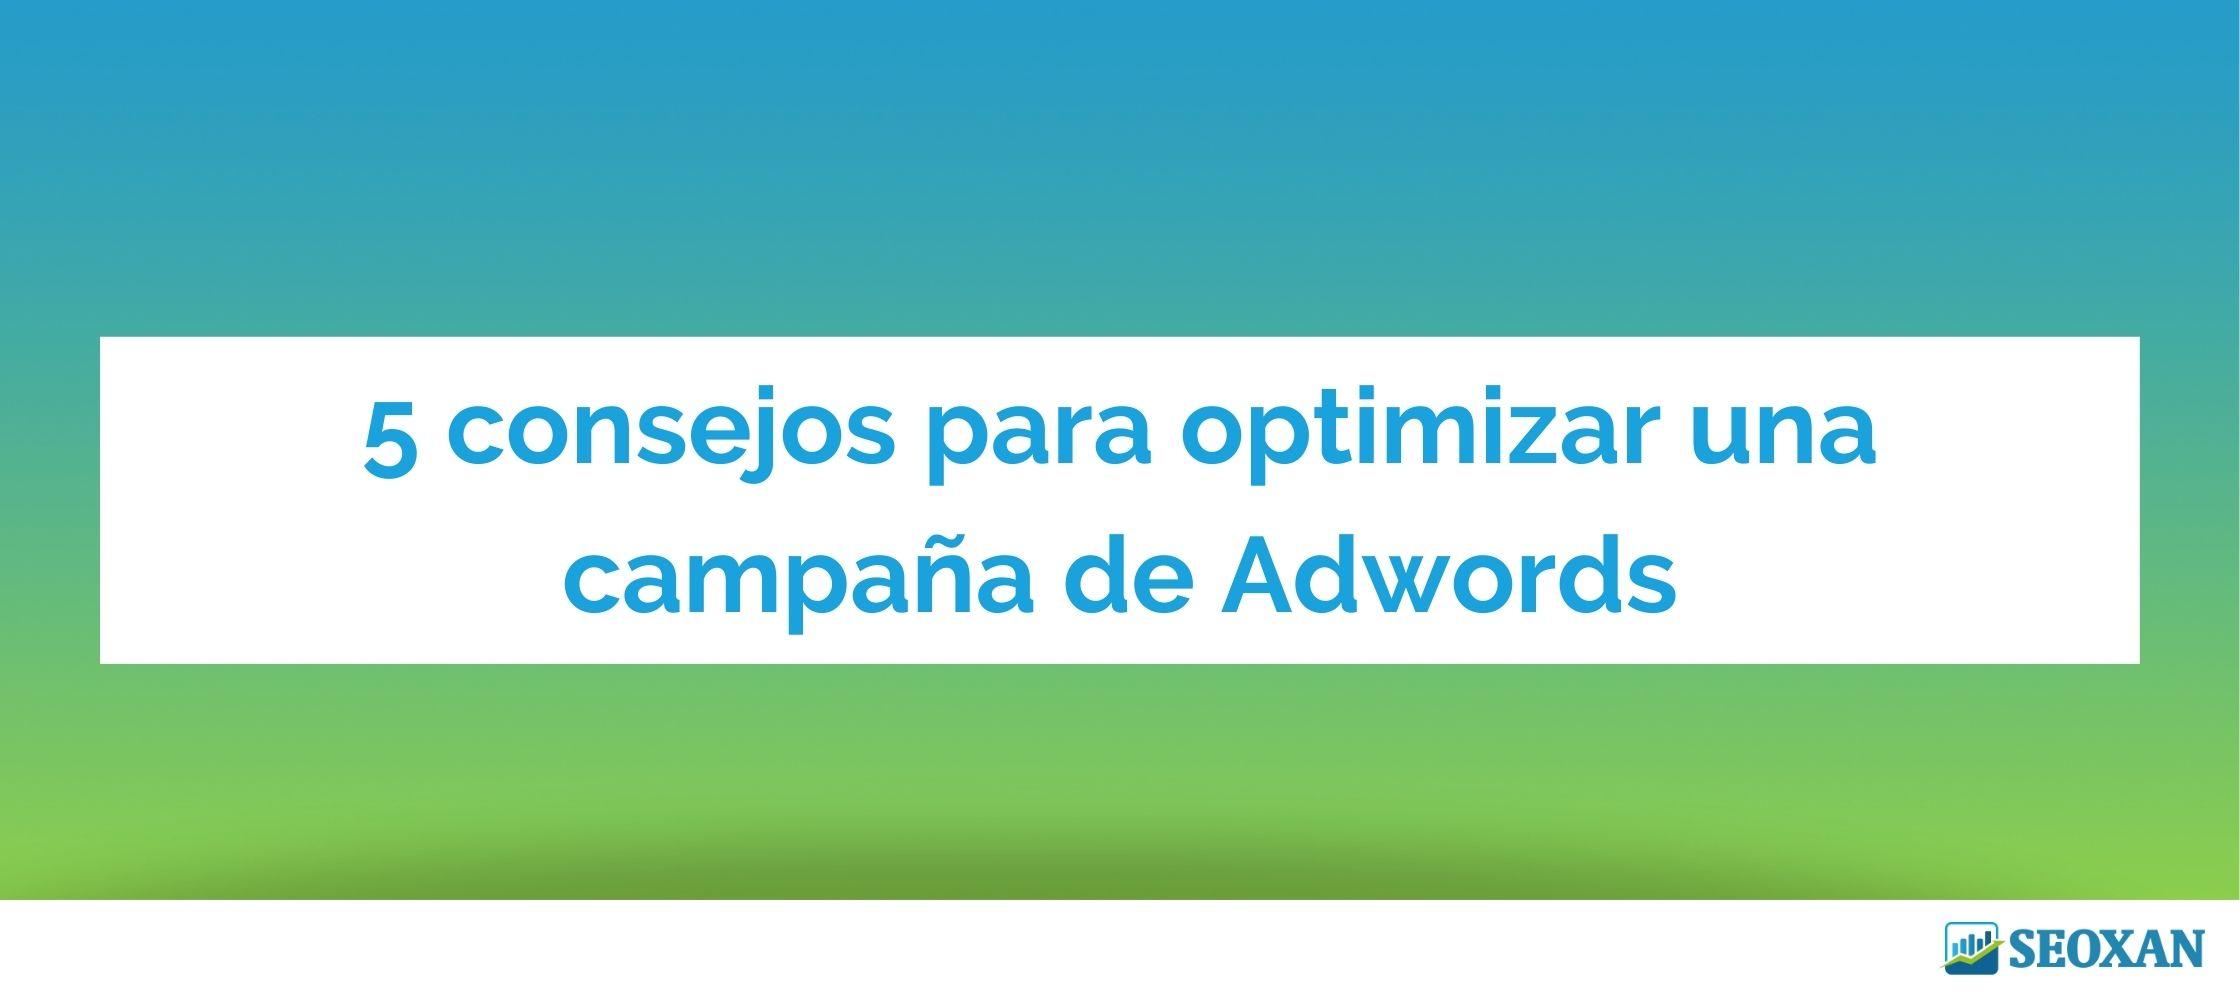 5 consejos para optimizar una campaña de Adwords